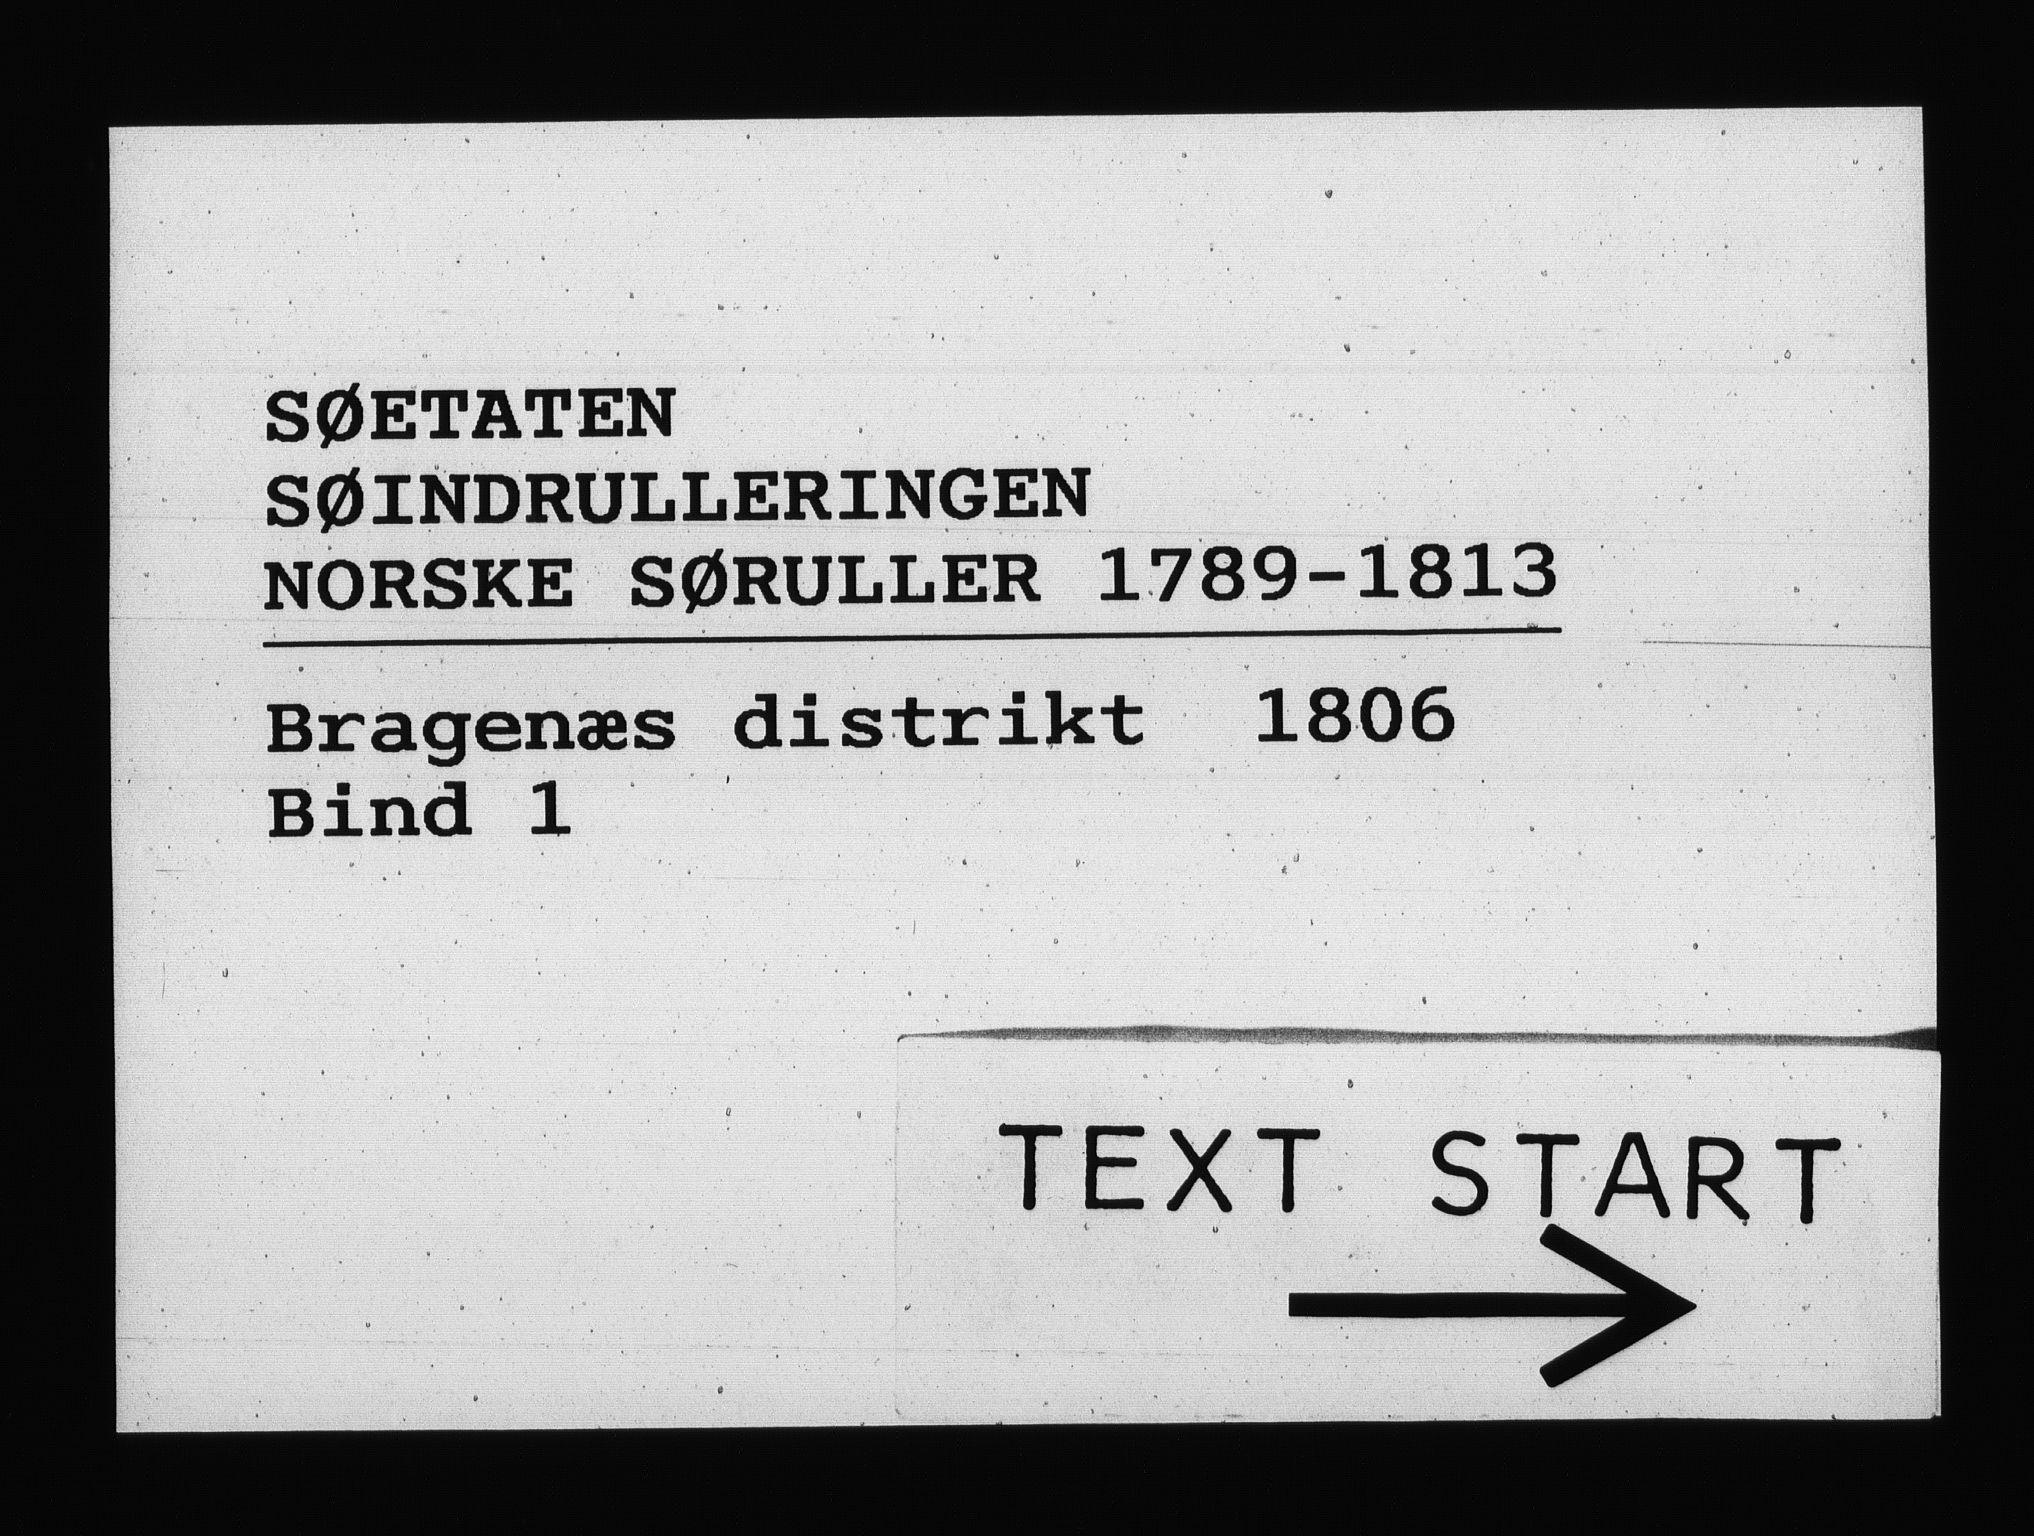 RA, Sjøetaten, F/L0148: Bragernes distrikt, bind 1, 1806